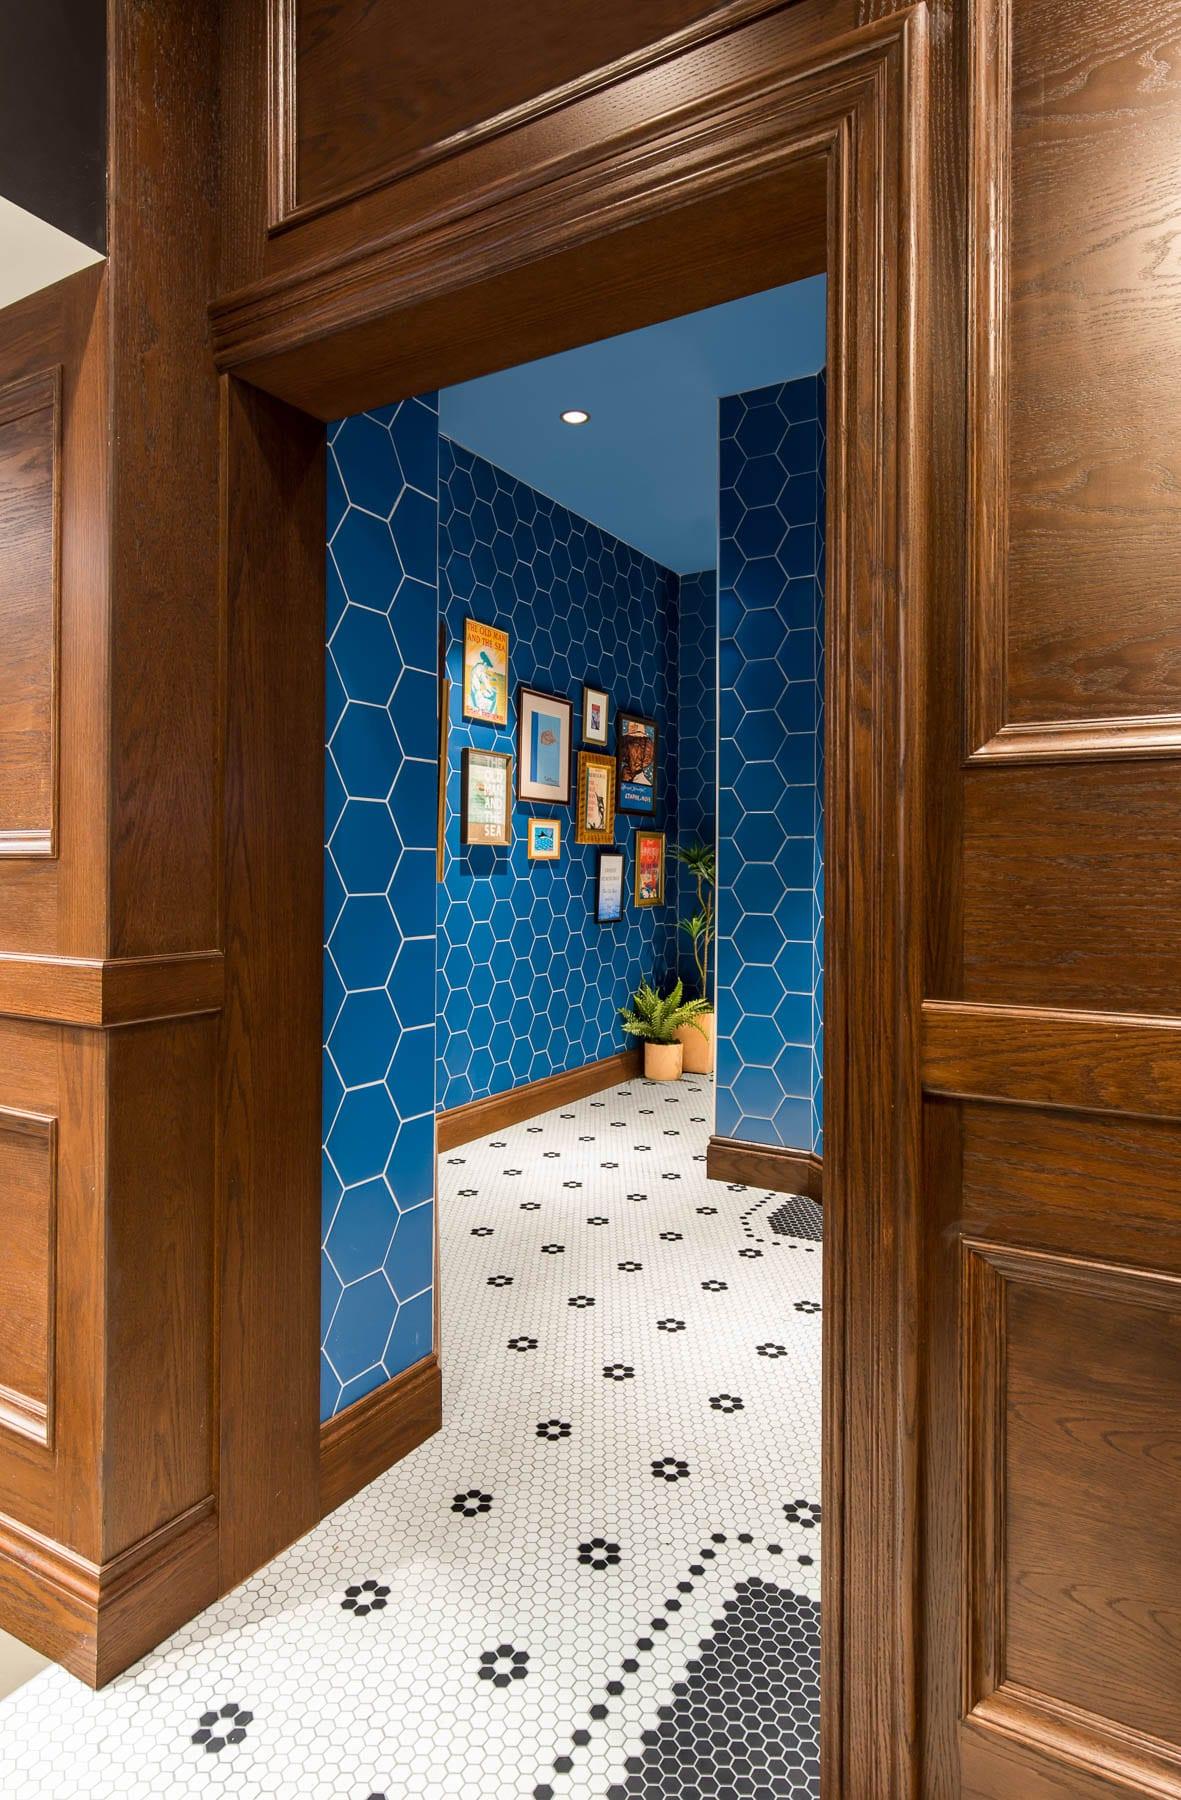 WildTale Restaurant with mosaic floor tiles - corridor to restrooms